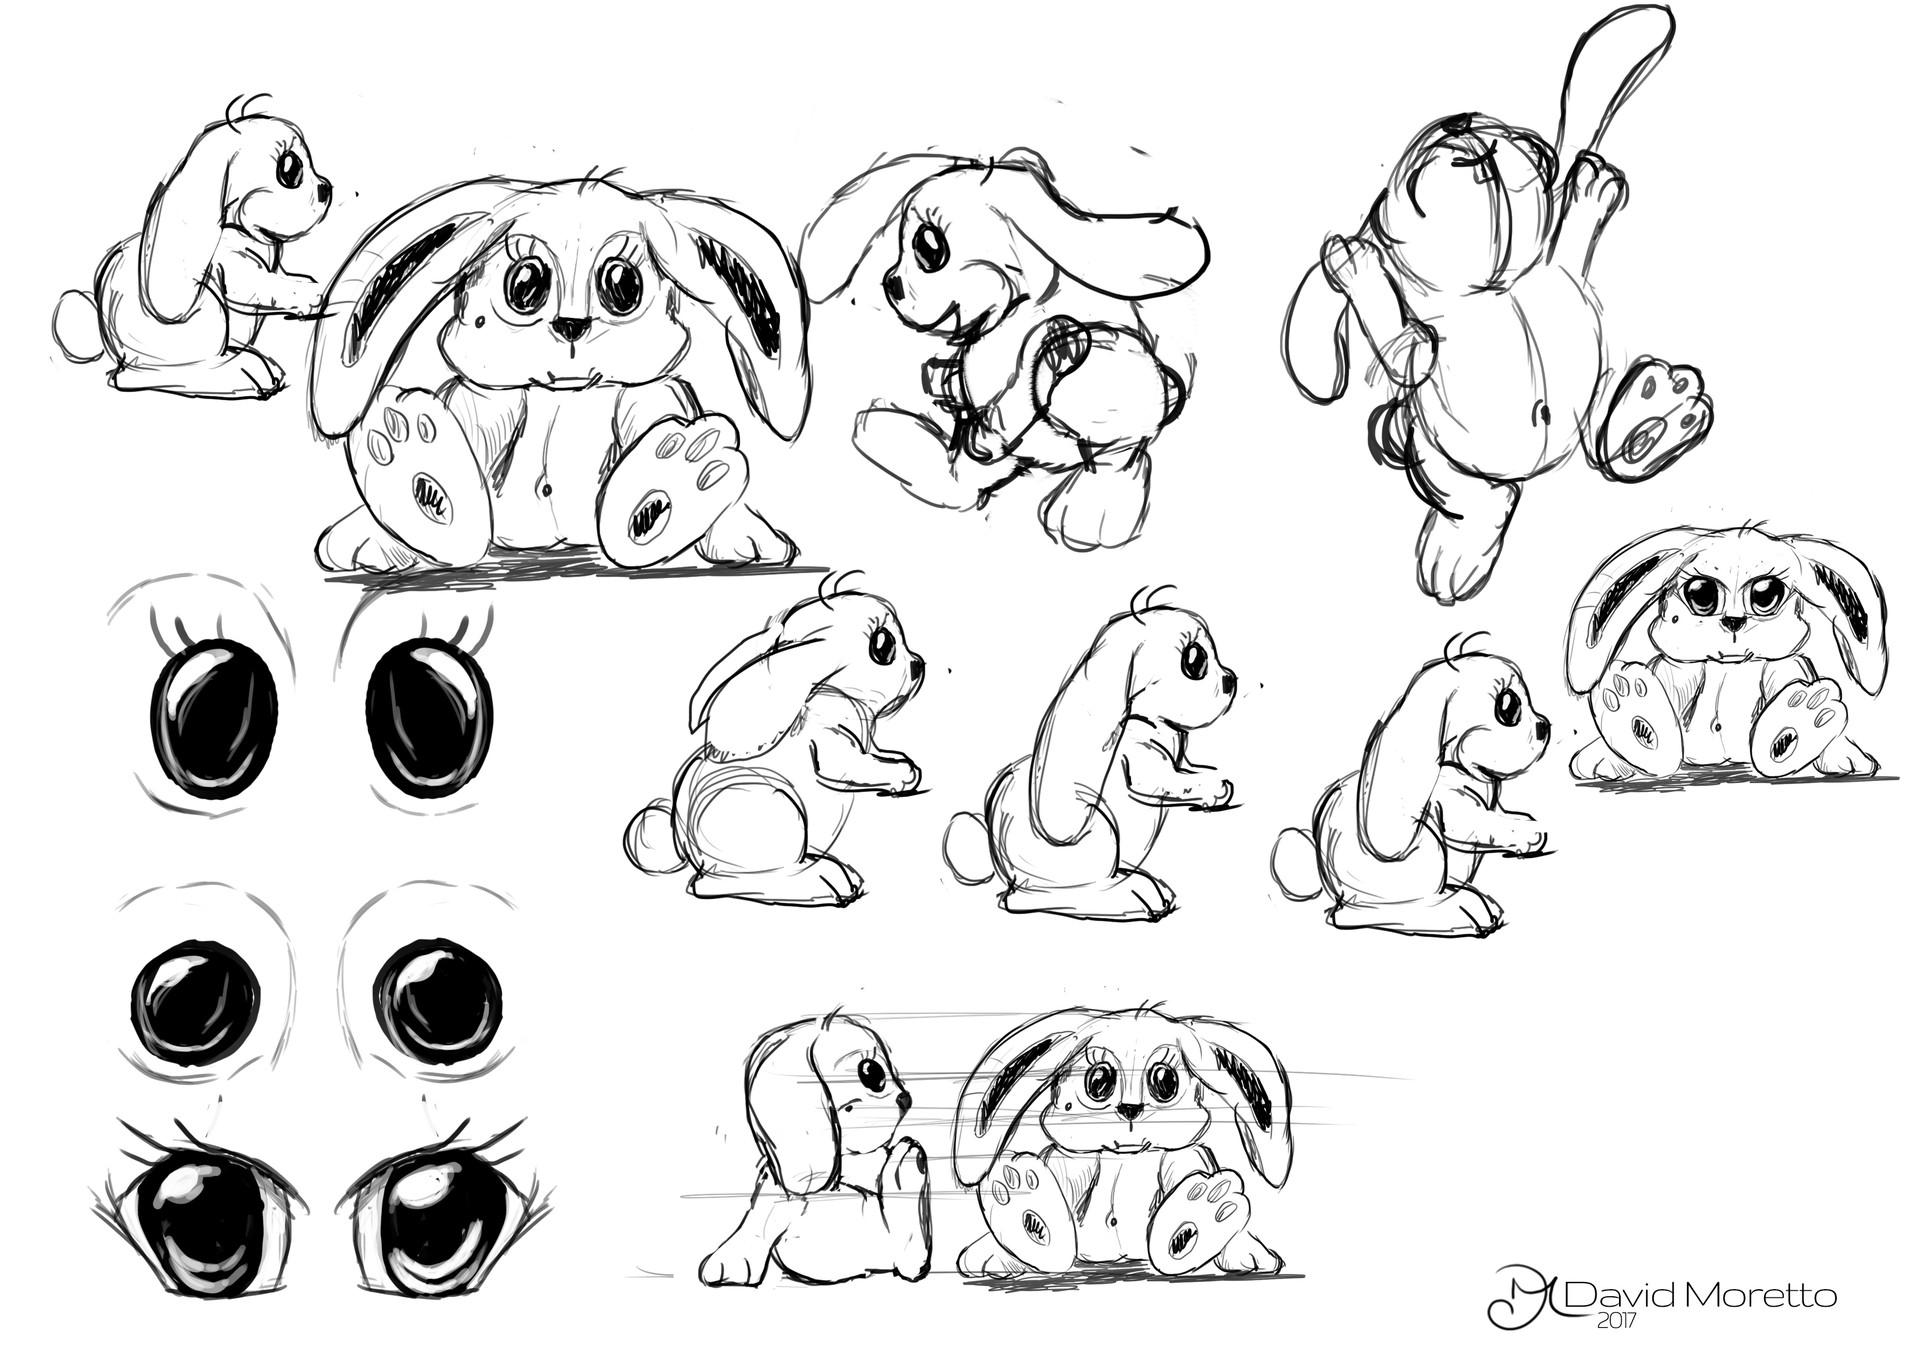 David moretto hoppelmoppel sketch